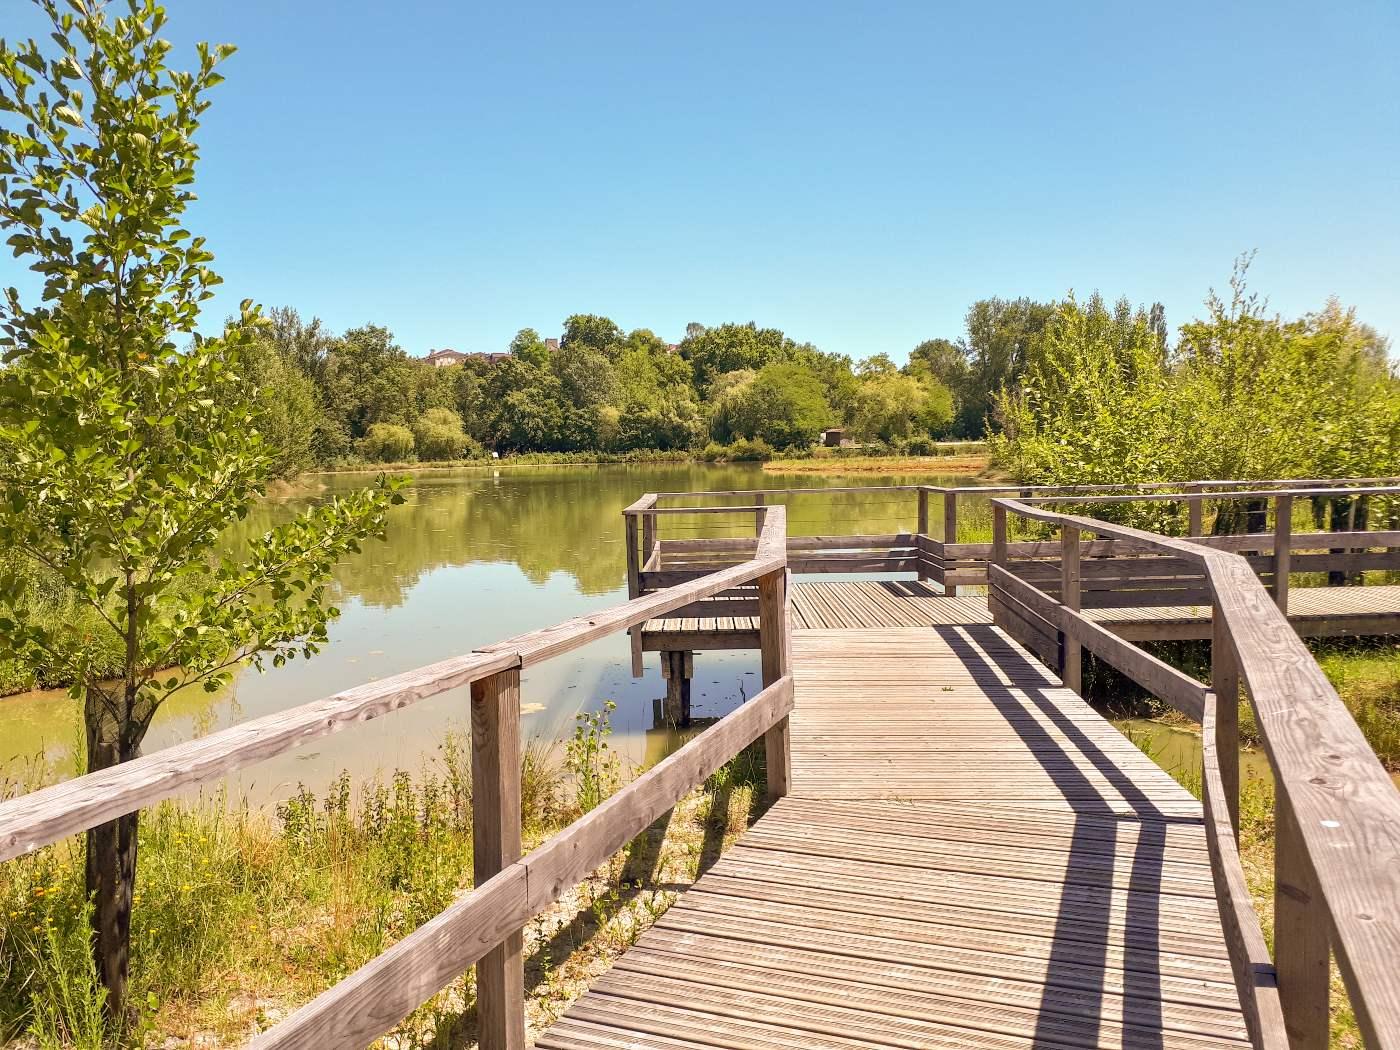 Point de vue sur l'étang et le village